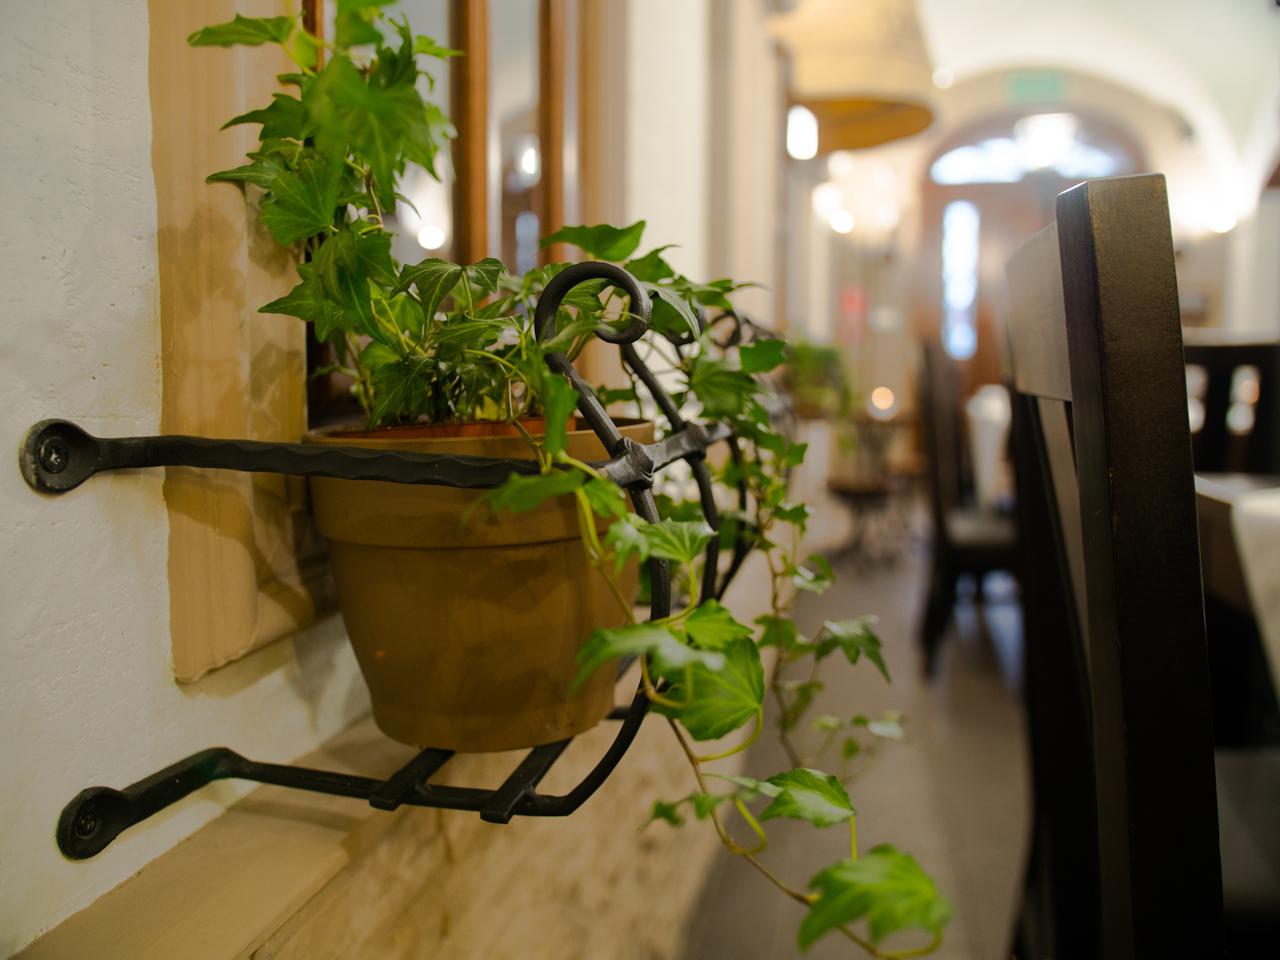 restauracja-pizzeria-coffee-street-gryfow-slaski-15